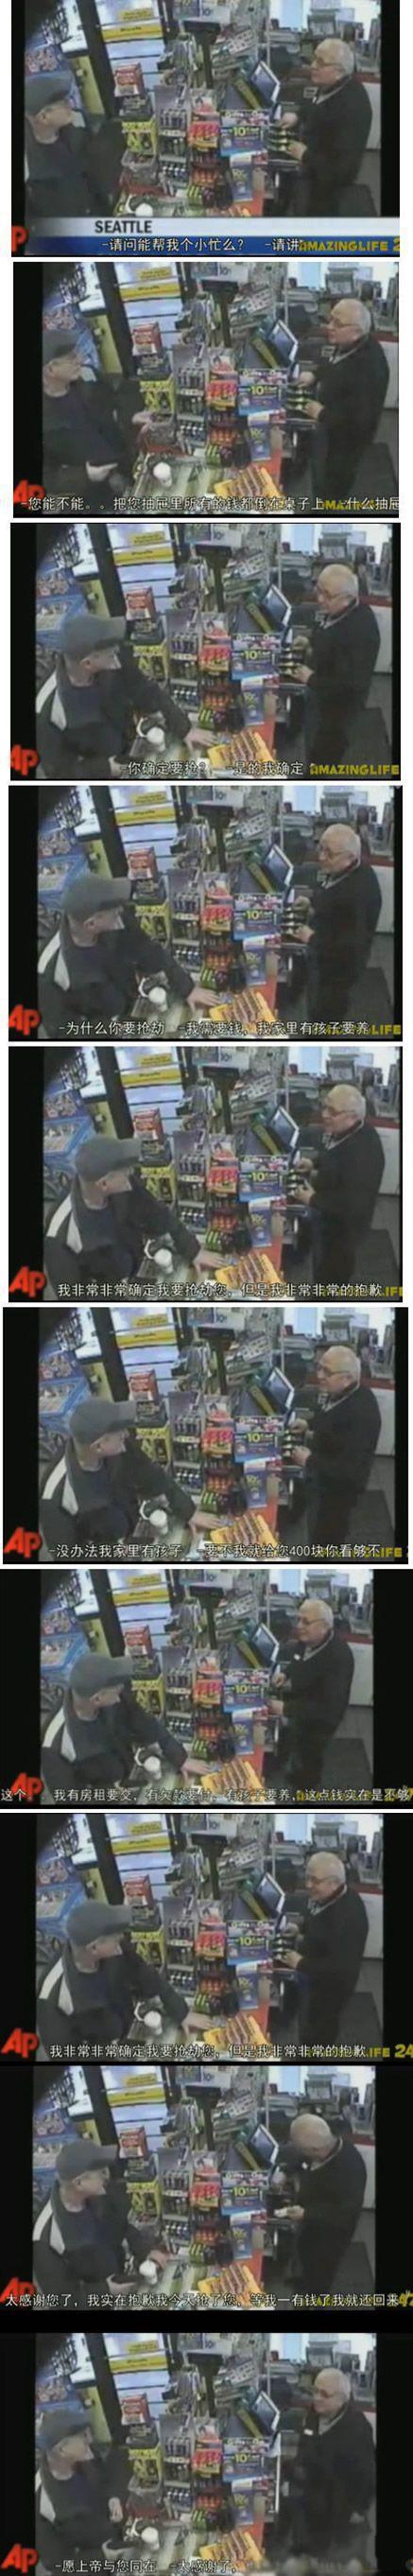 这是发生在美国西雅图的一桩抢劫案,监控录像记录了劫匪与店主客气商量打劫金额的过程,劫匪大叔一手持枪一边连声道歉,抢劫完毕后,受害者和劫匪互相祝福,和平结束整个抢劫过程。